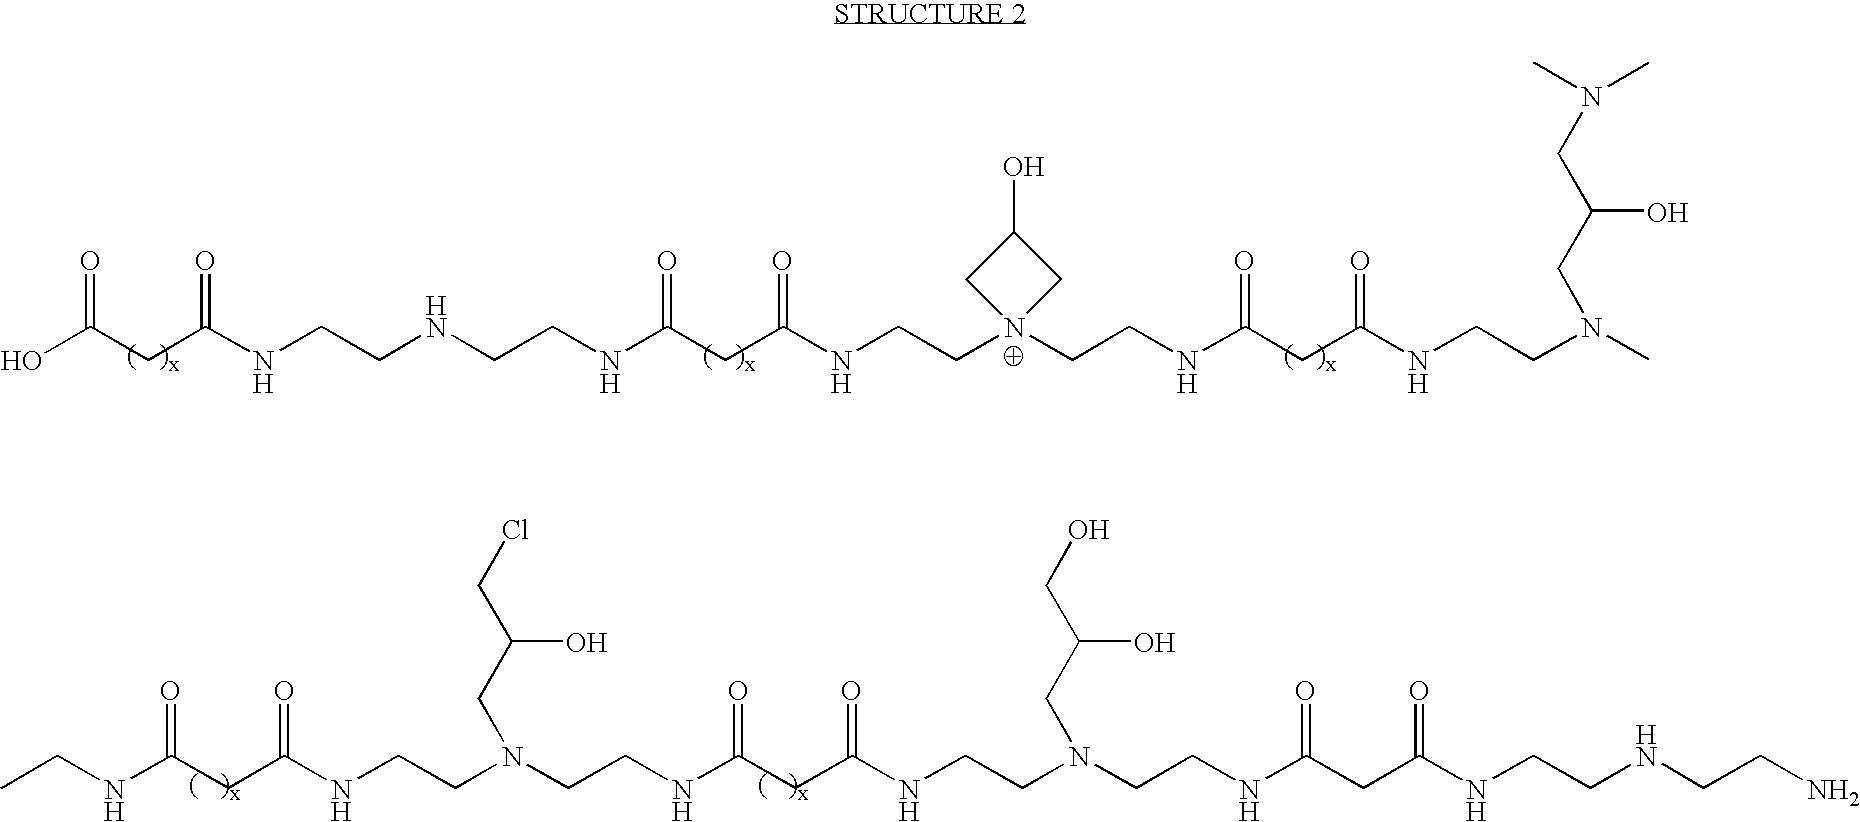 Figure US20060237154A1-20061026-C00004